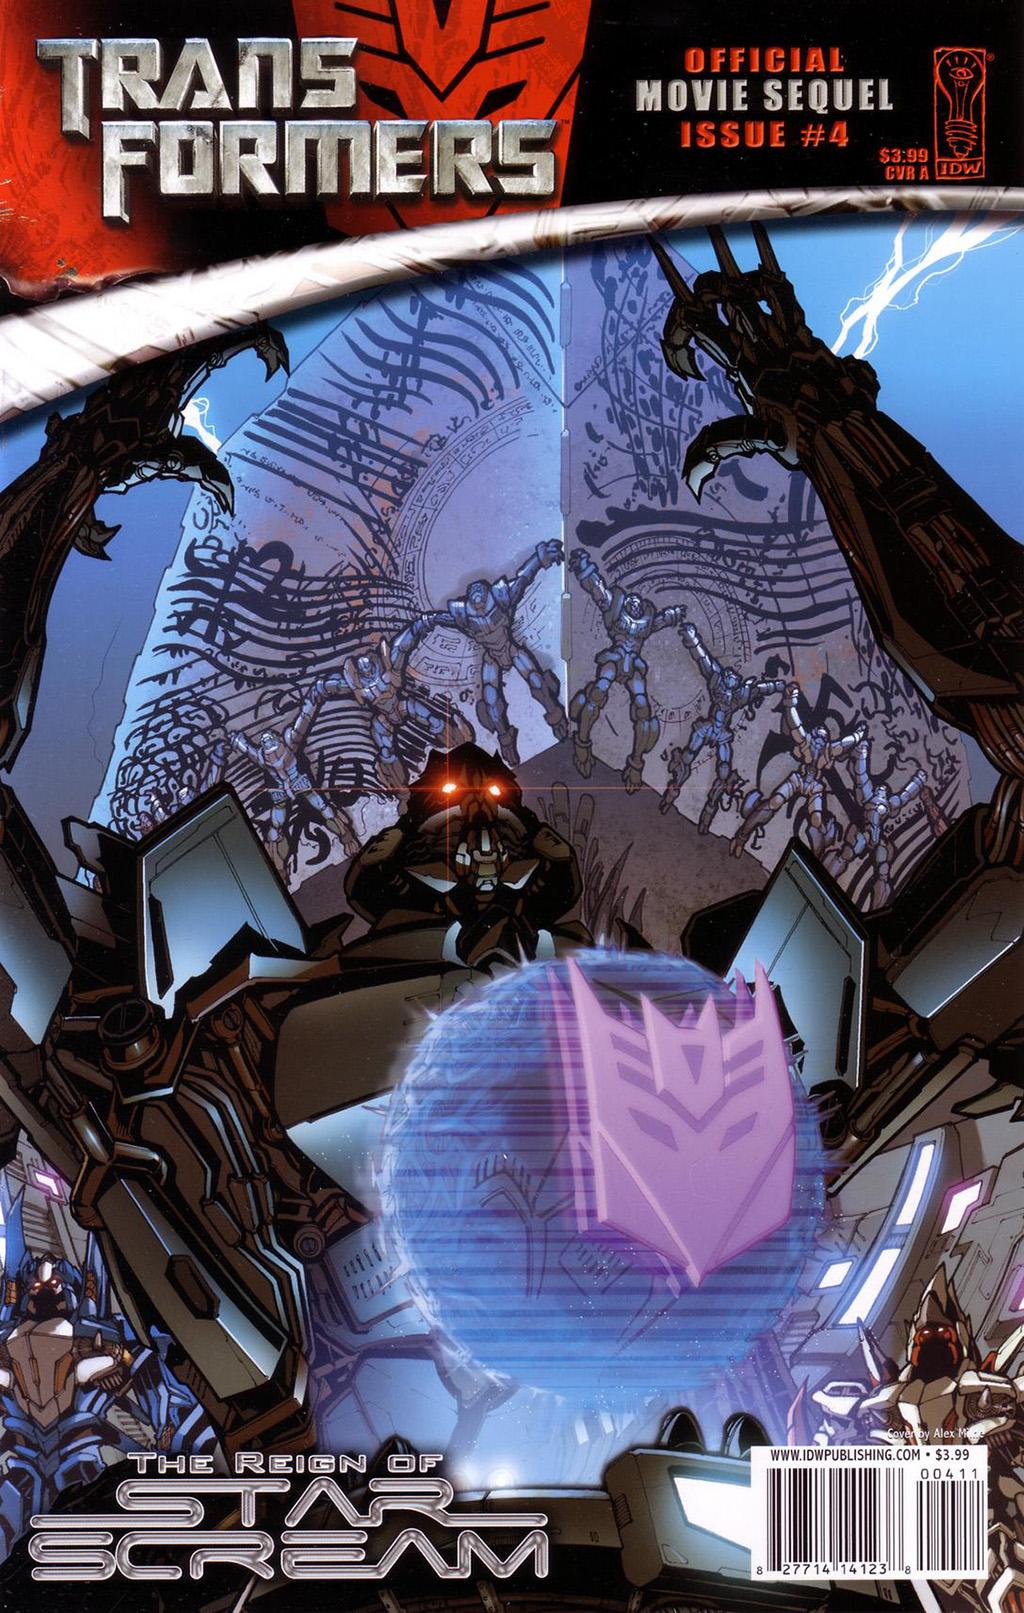 Комикс Трансформеры - Власть Старскрима